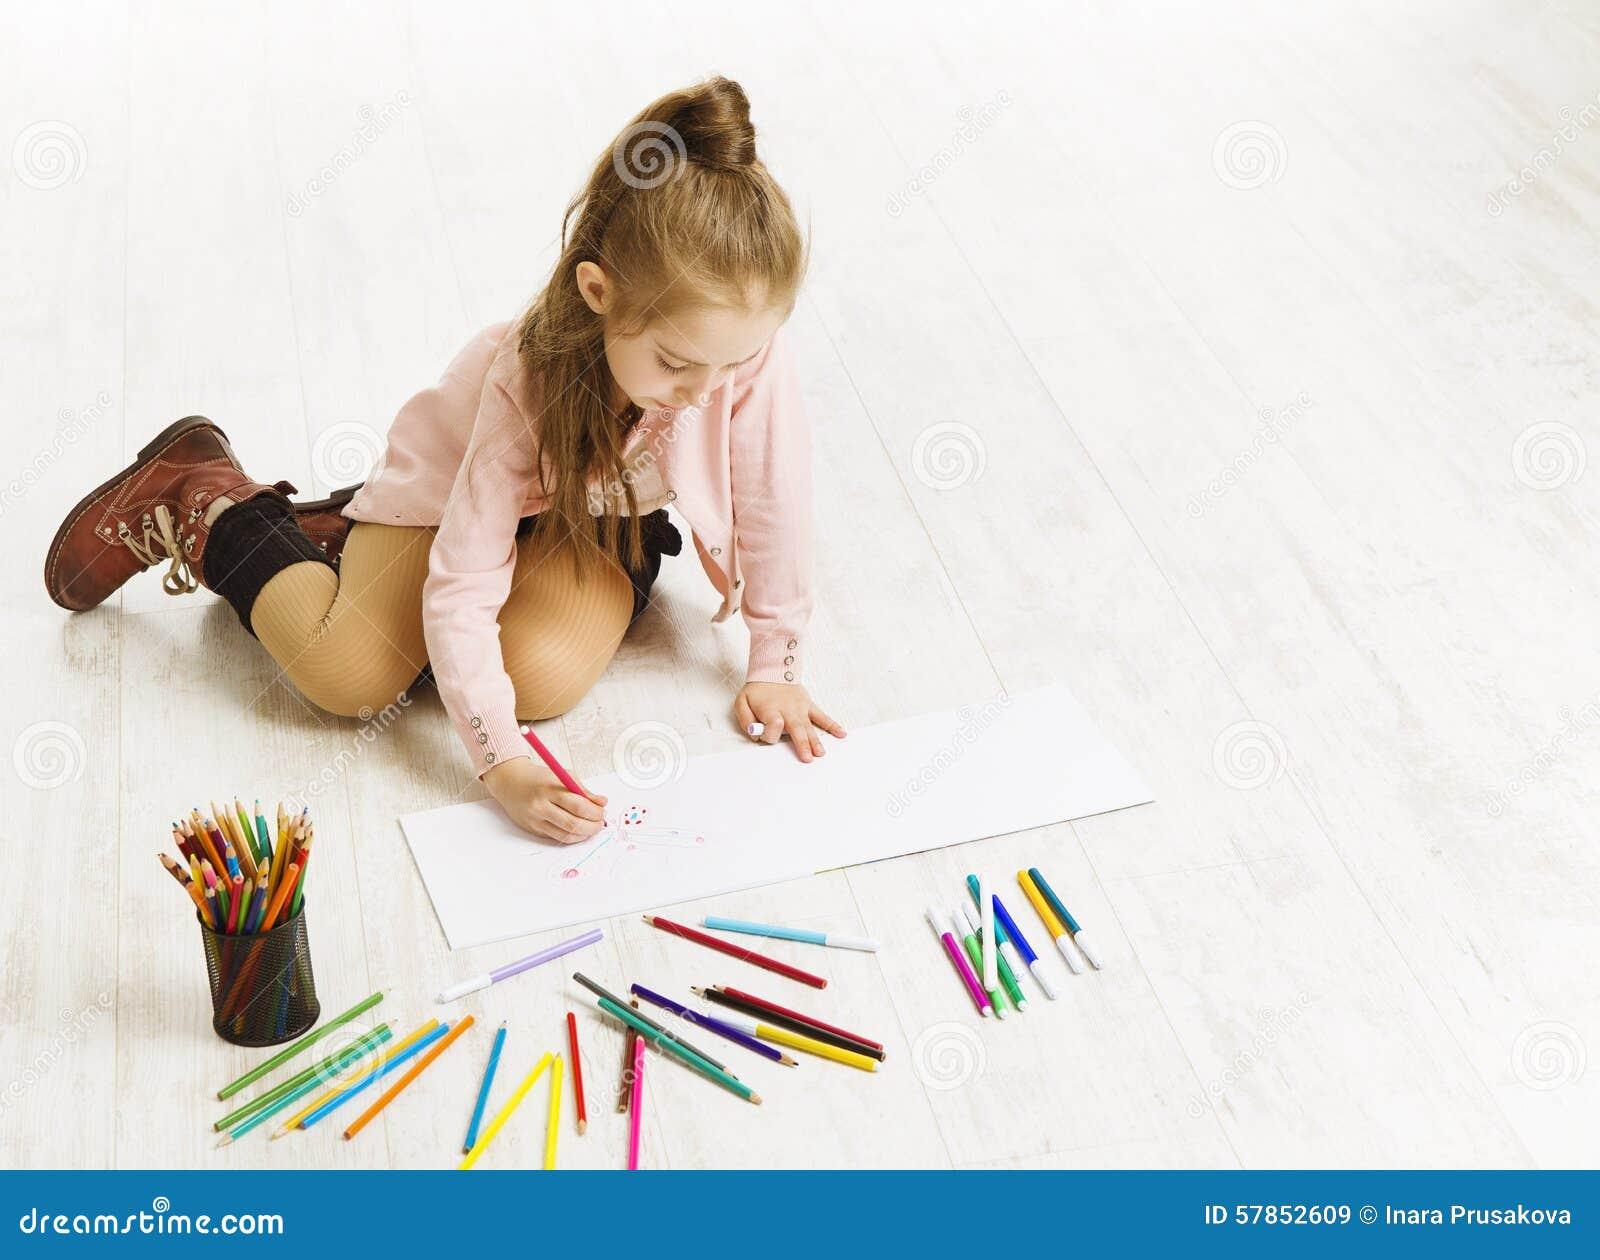 crayons de couleur de dessin de fille d 39 enfant ducation artistique d 39 enfant photo stock. Black Bedroom Furniture Sets. Home Design Ideas